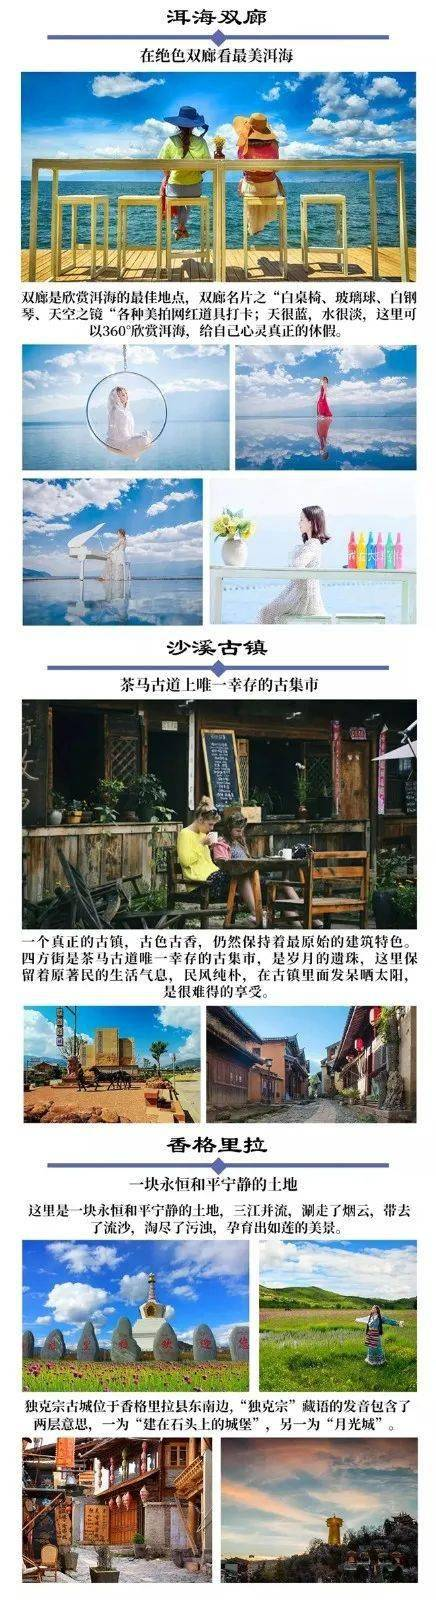 苏州天辰怎么注册云南7天深度游,追随电影心花怒放的脚步,体验不一样的平凡之路!